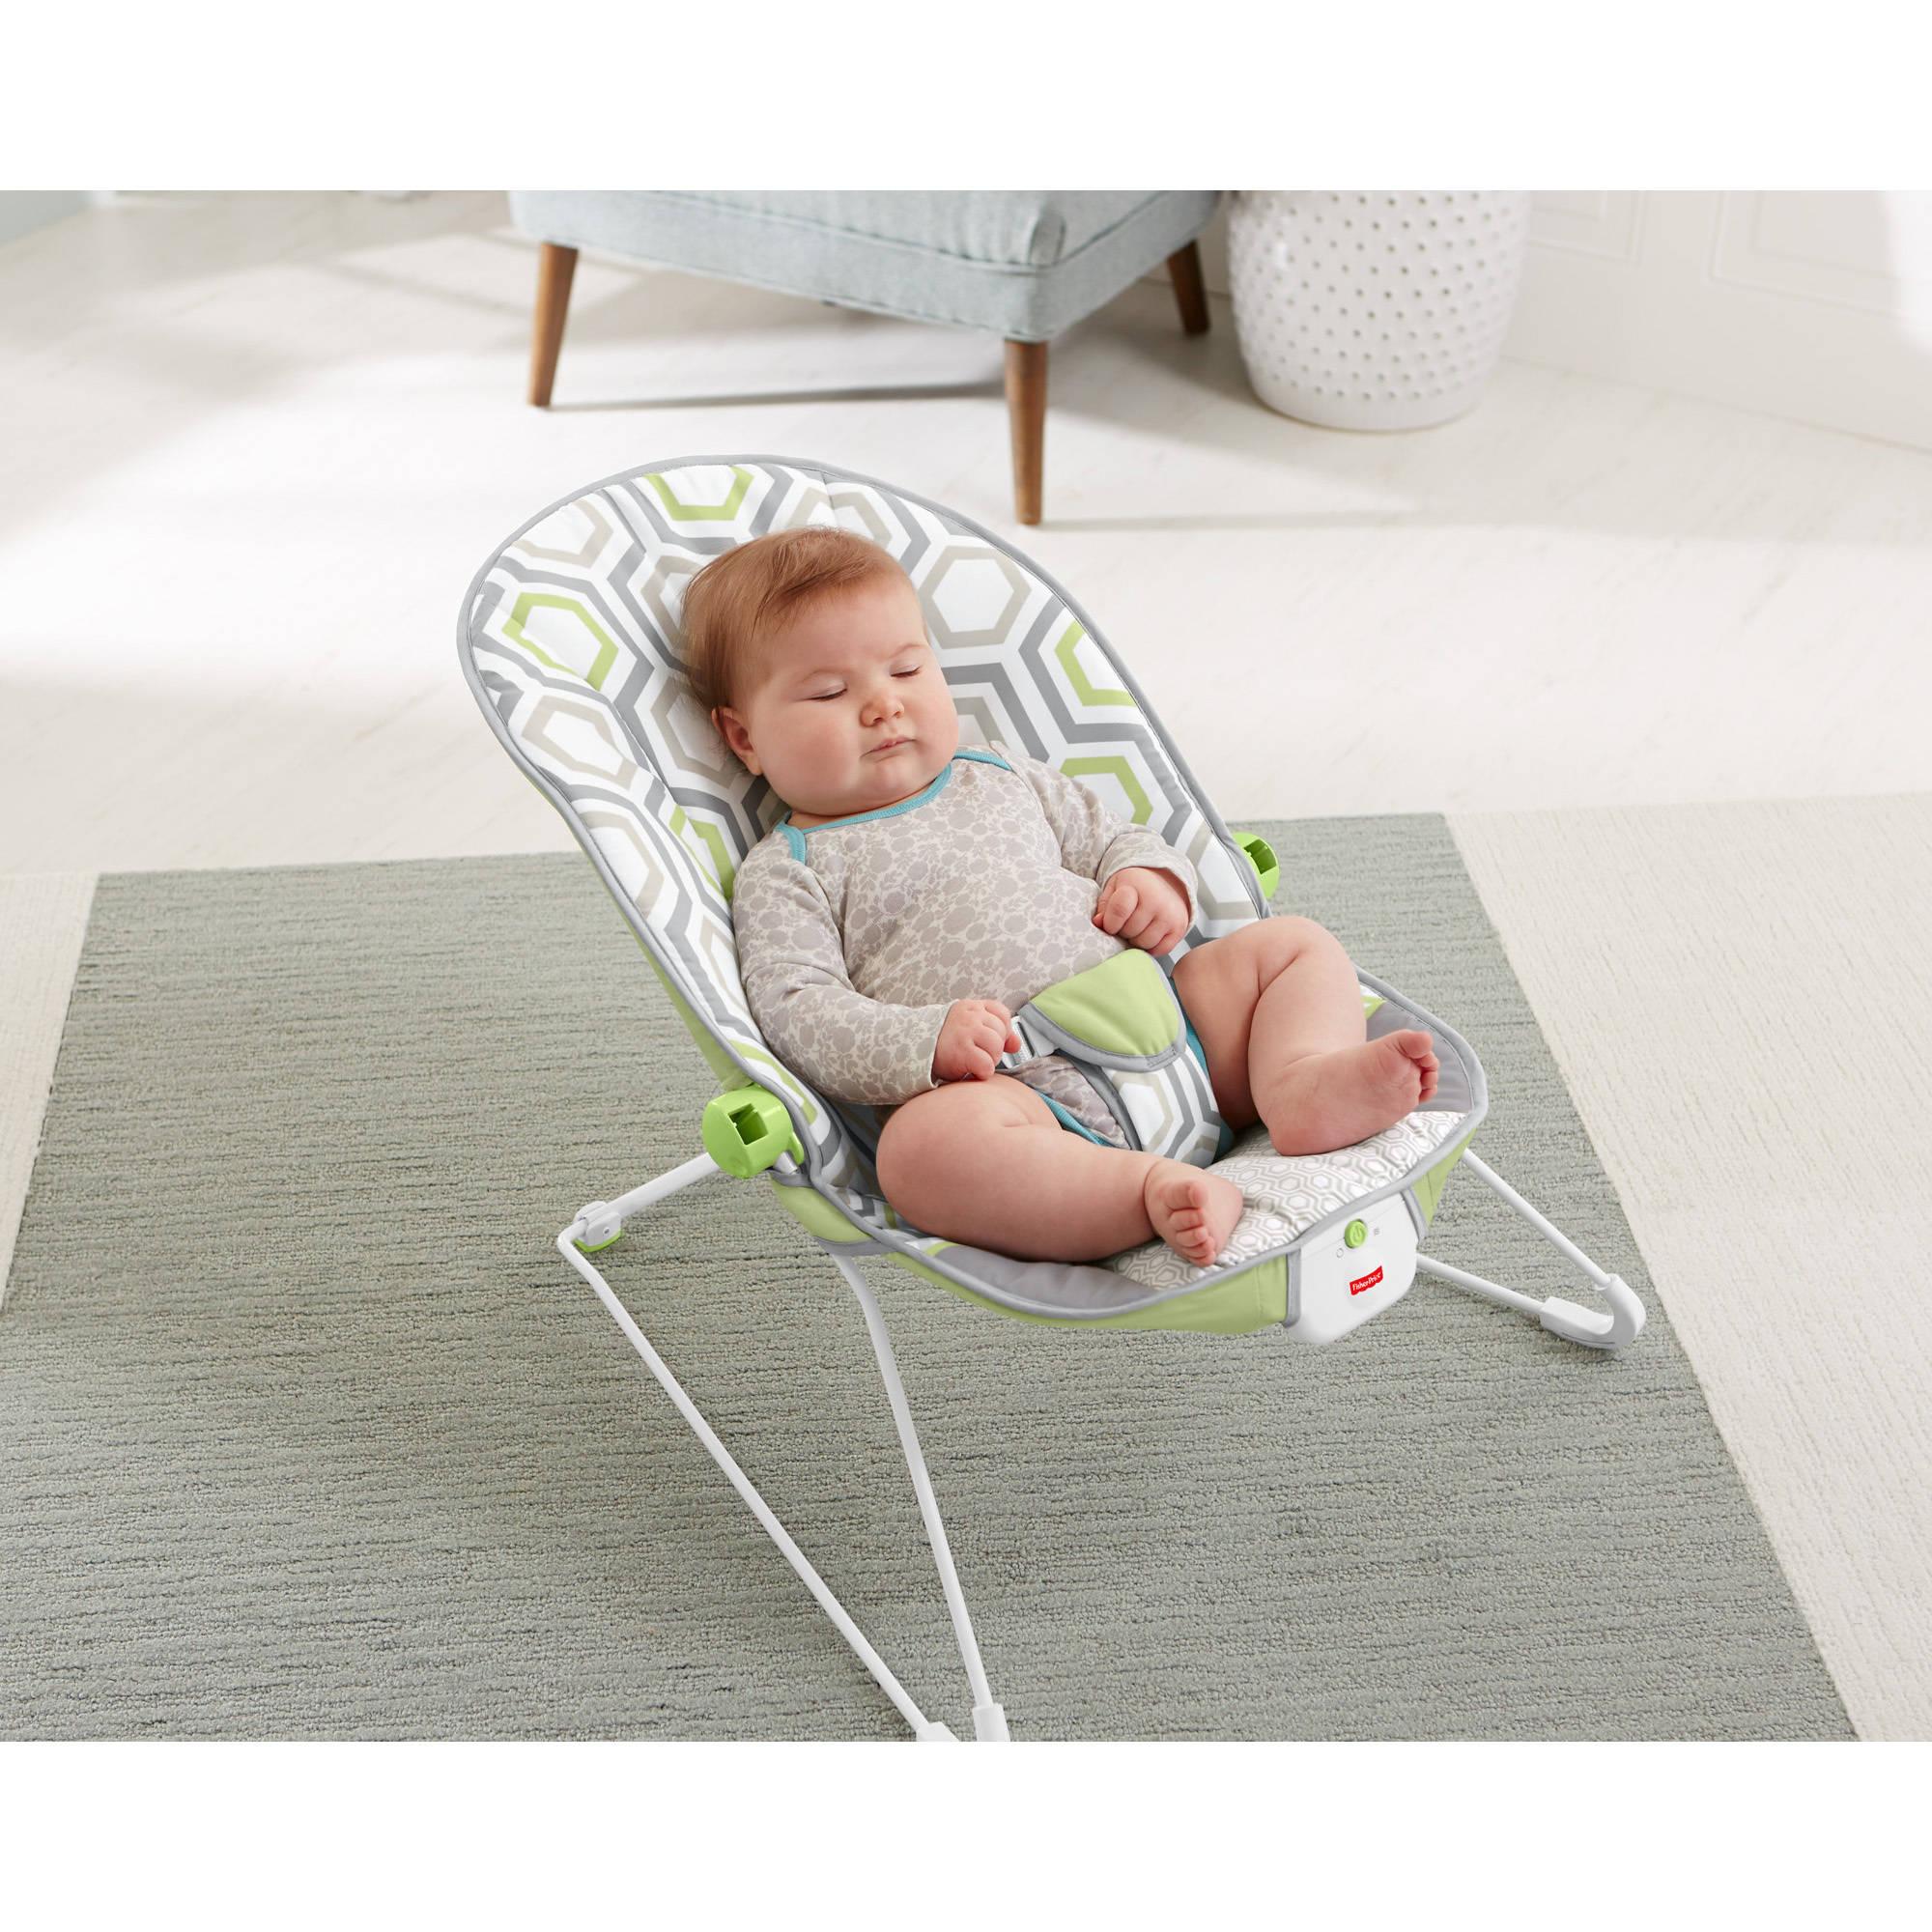 c003604b2ca Fisher-Price Baby s Bouncer (Geo Meadow) - Slickdeals.net